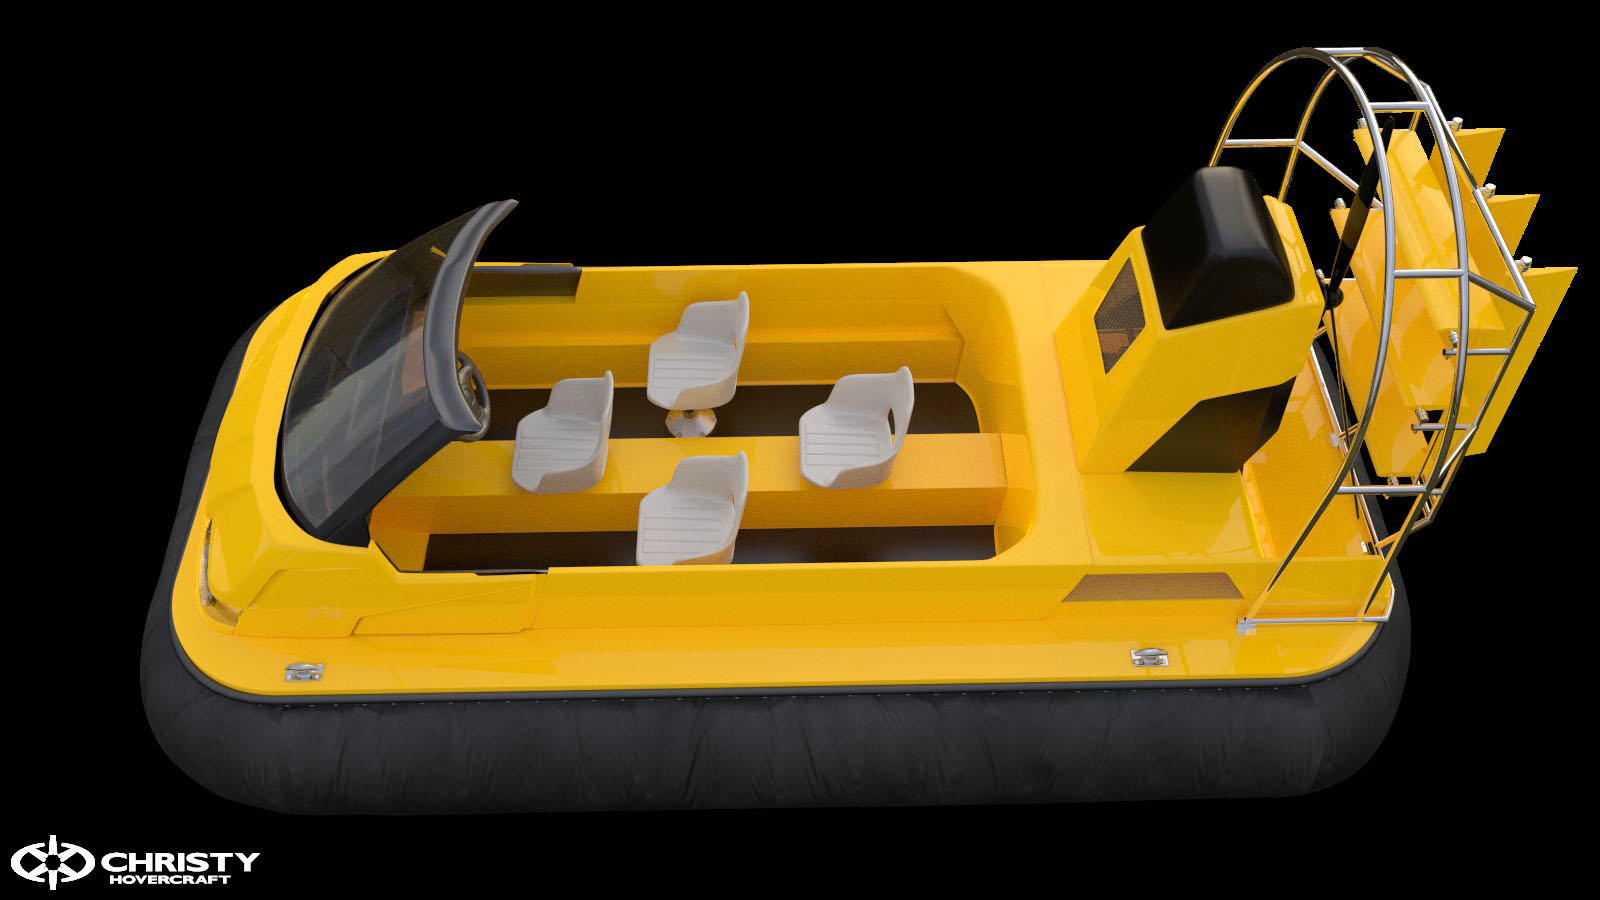 Катер-амфибия Christy 453 - с полностью открытой кабиной